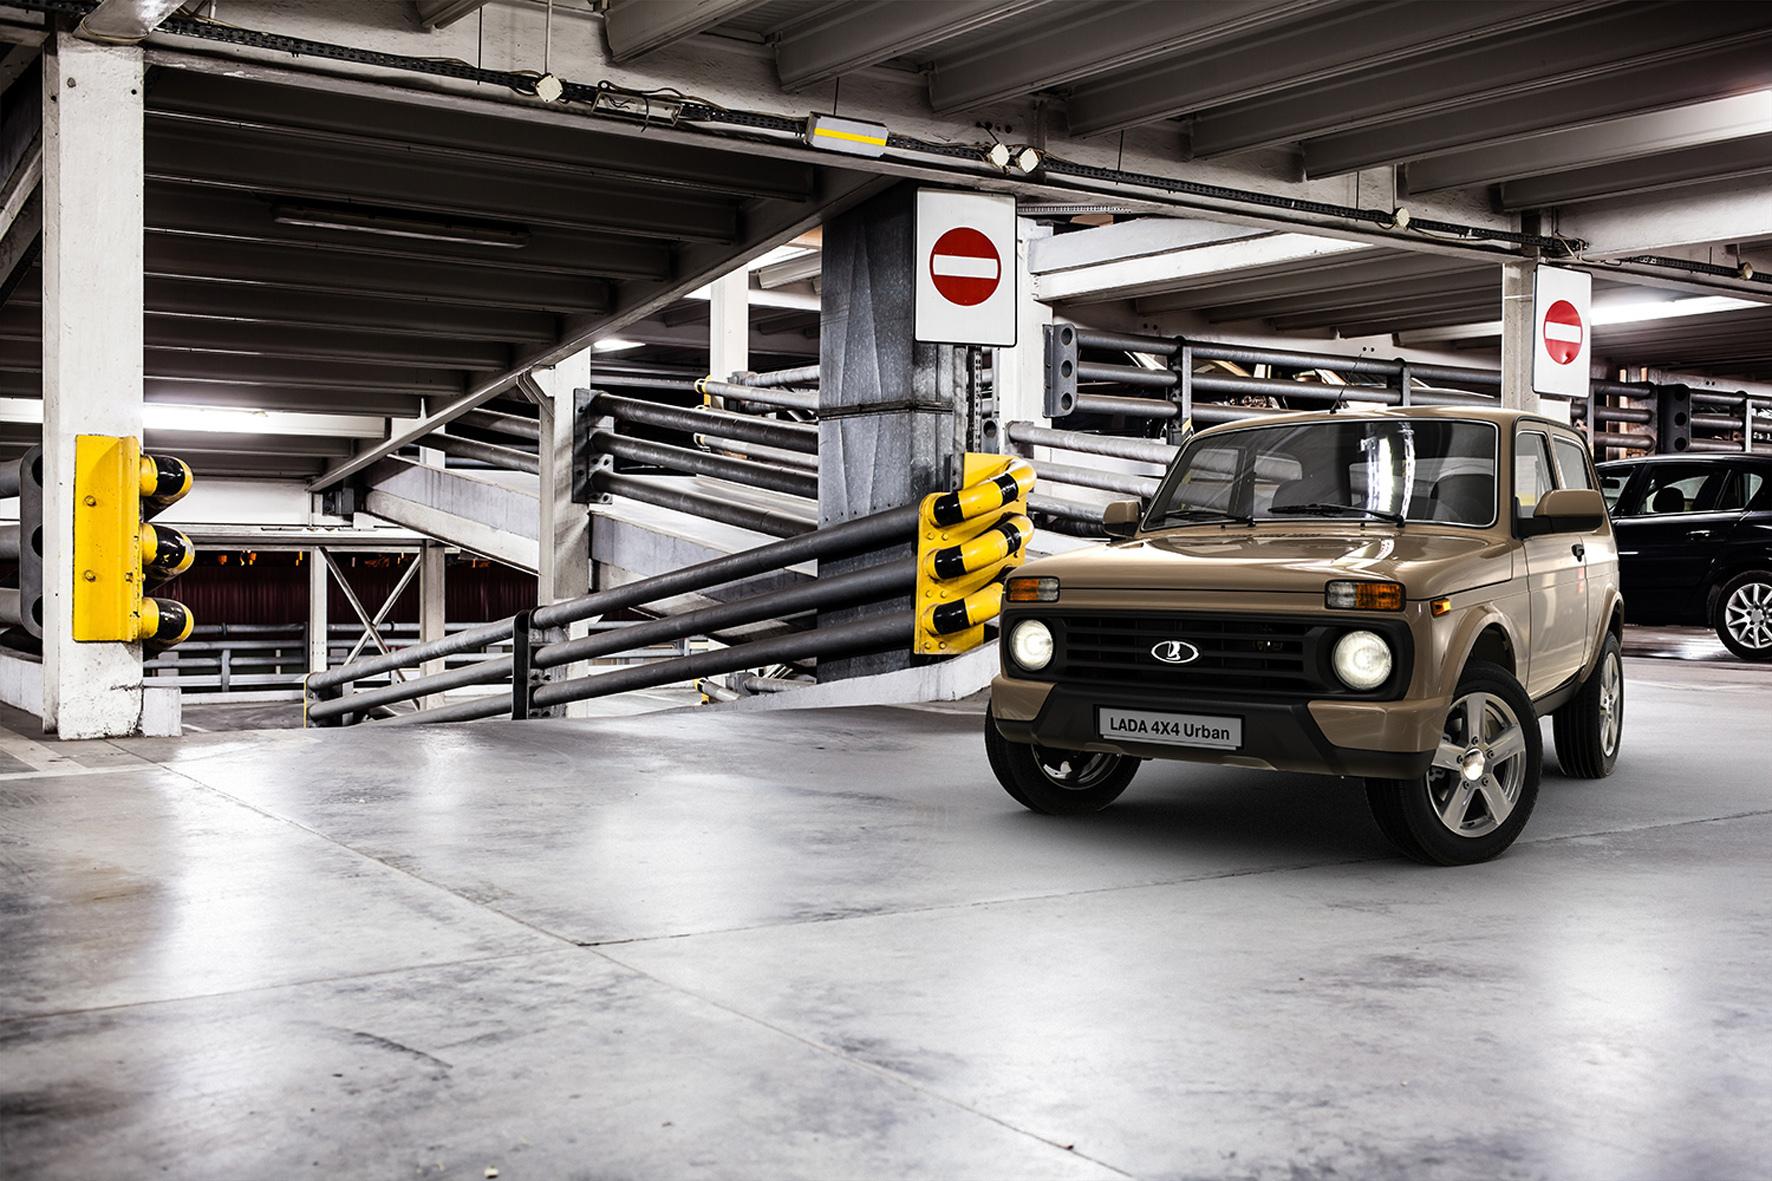 """mid Düsseldorf - Neues Gesicht, zusätzliche Farben und neue Komfortausstattung: Lada bietet den überarbeiteten Taiga jetzt als """"4x4 Urban"""" in Europa an."""